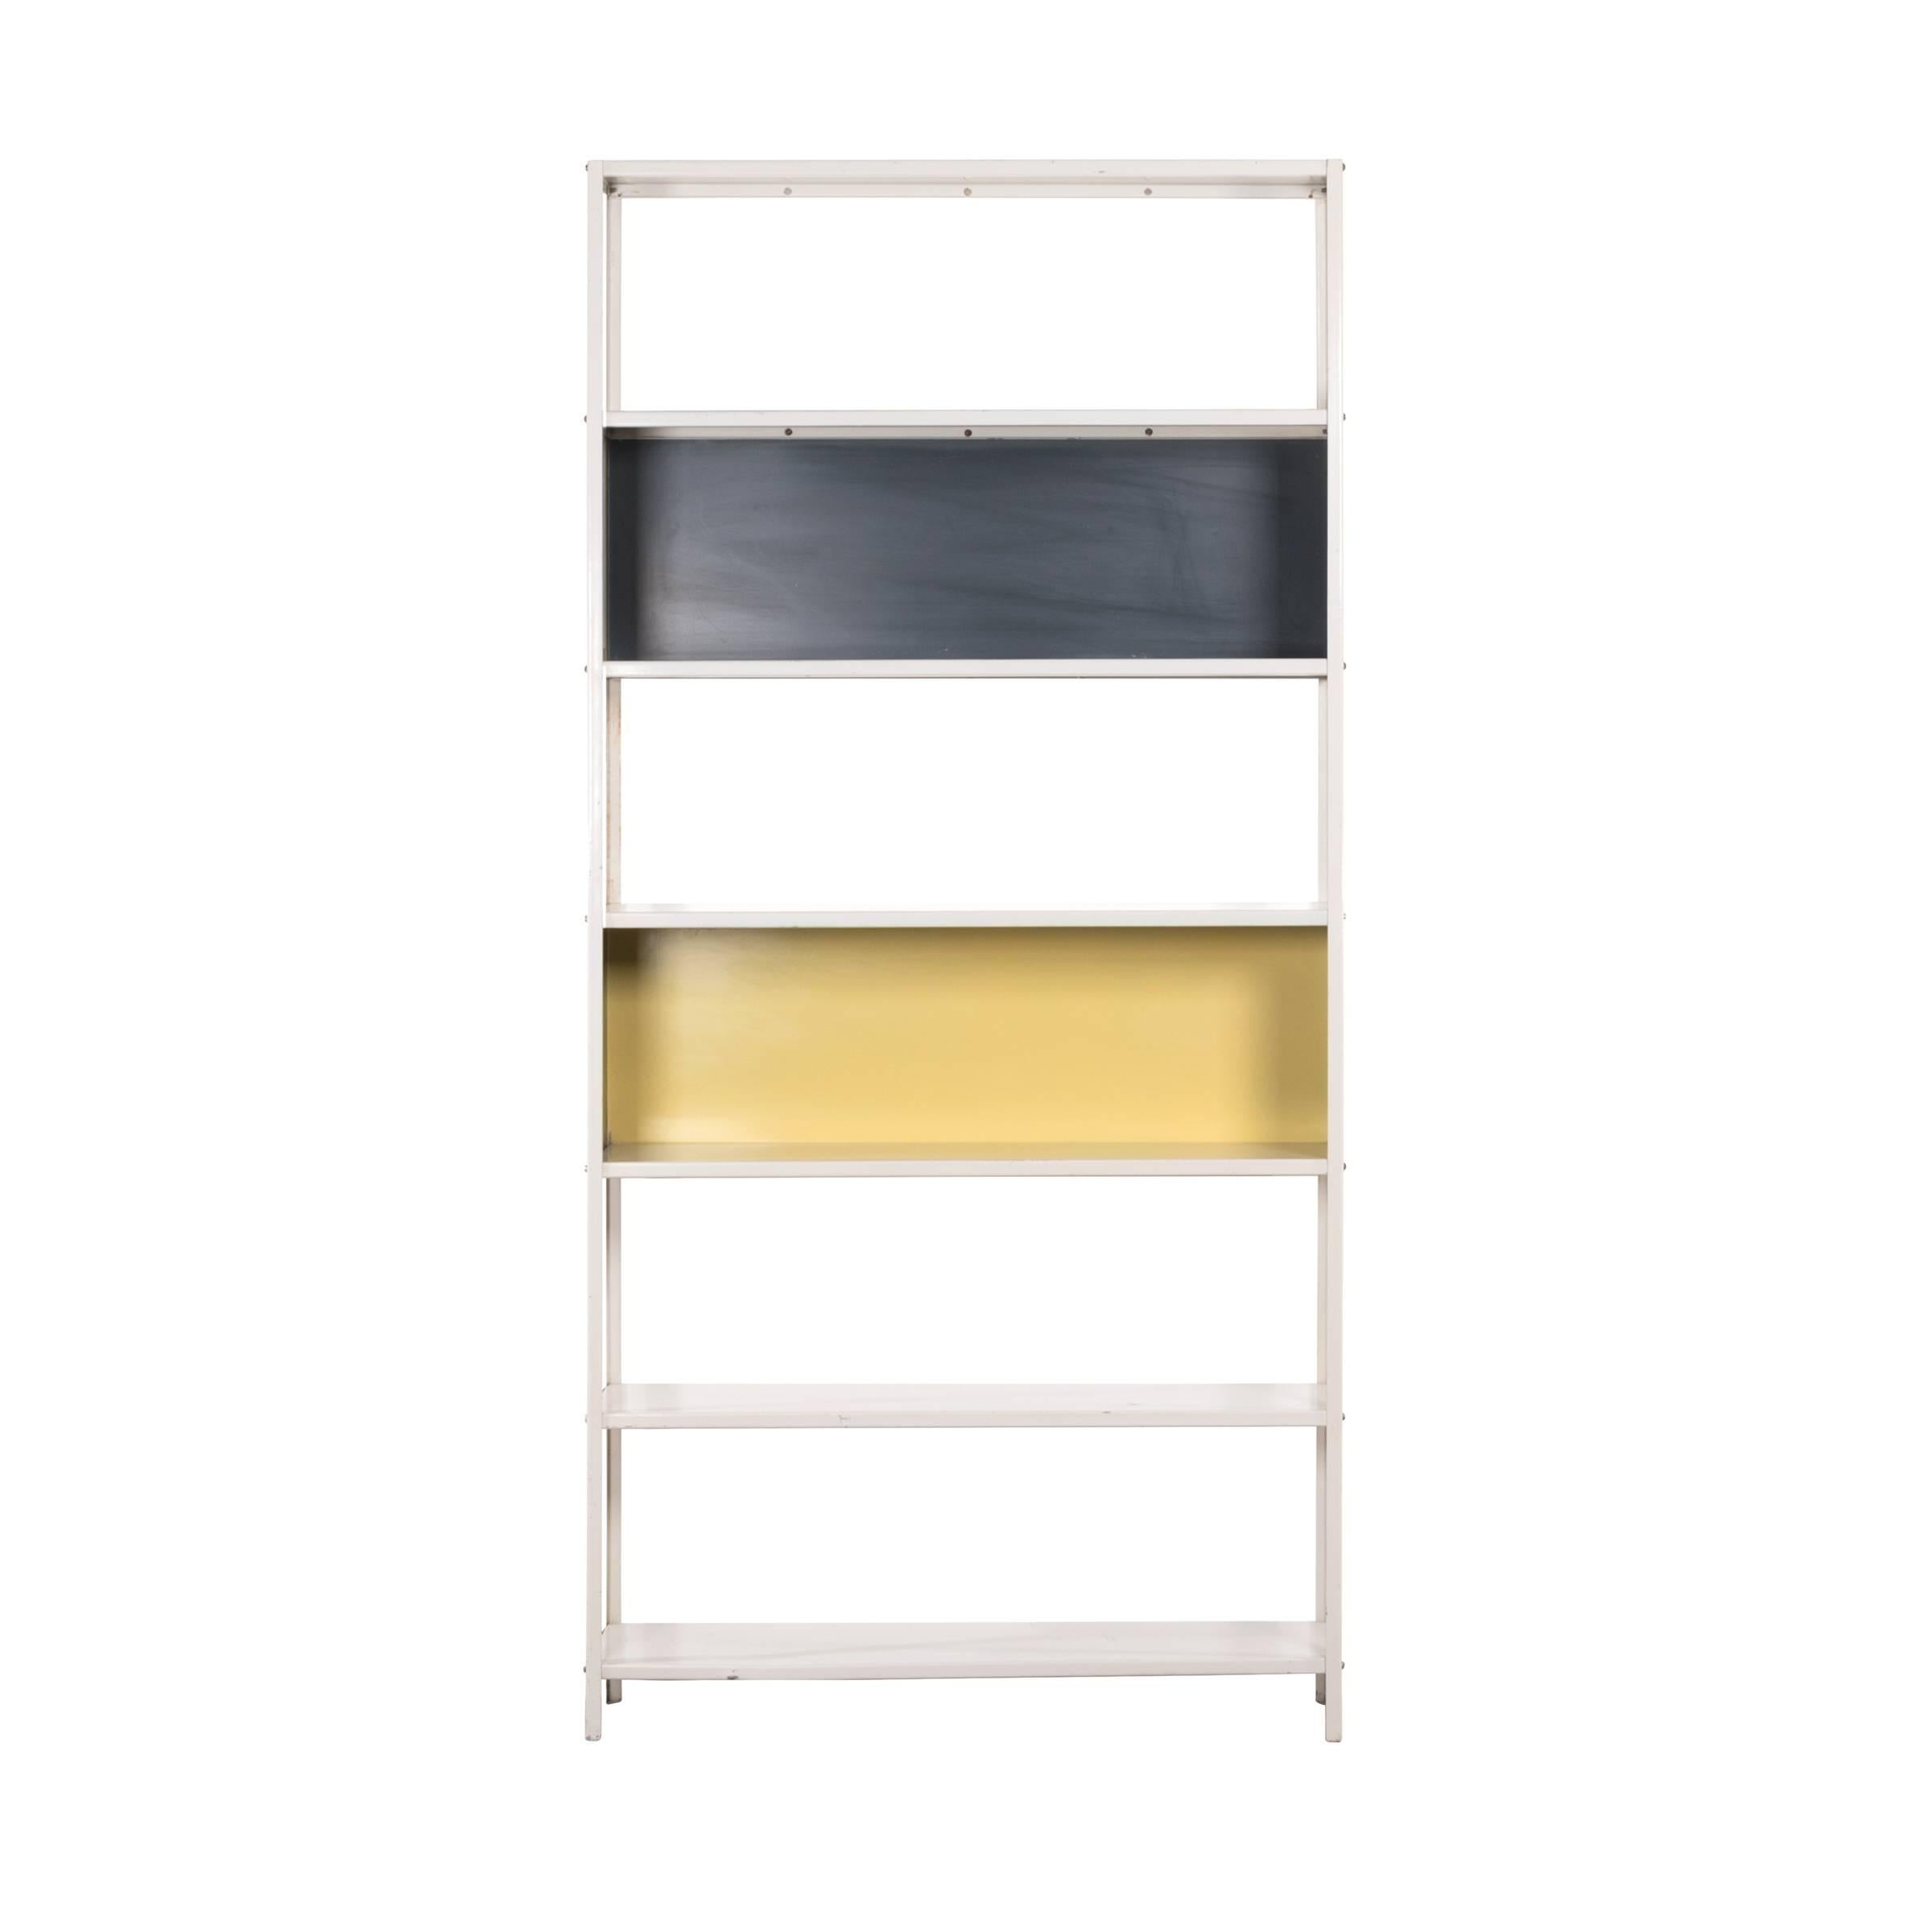 Modular Bookcase or Room Divider by Friso Kramer for Asmeta, Netherlands